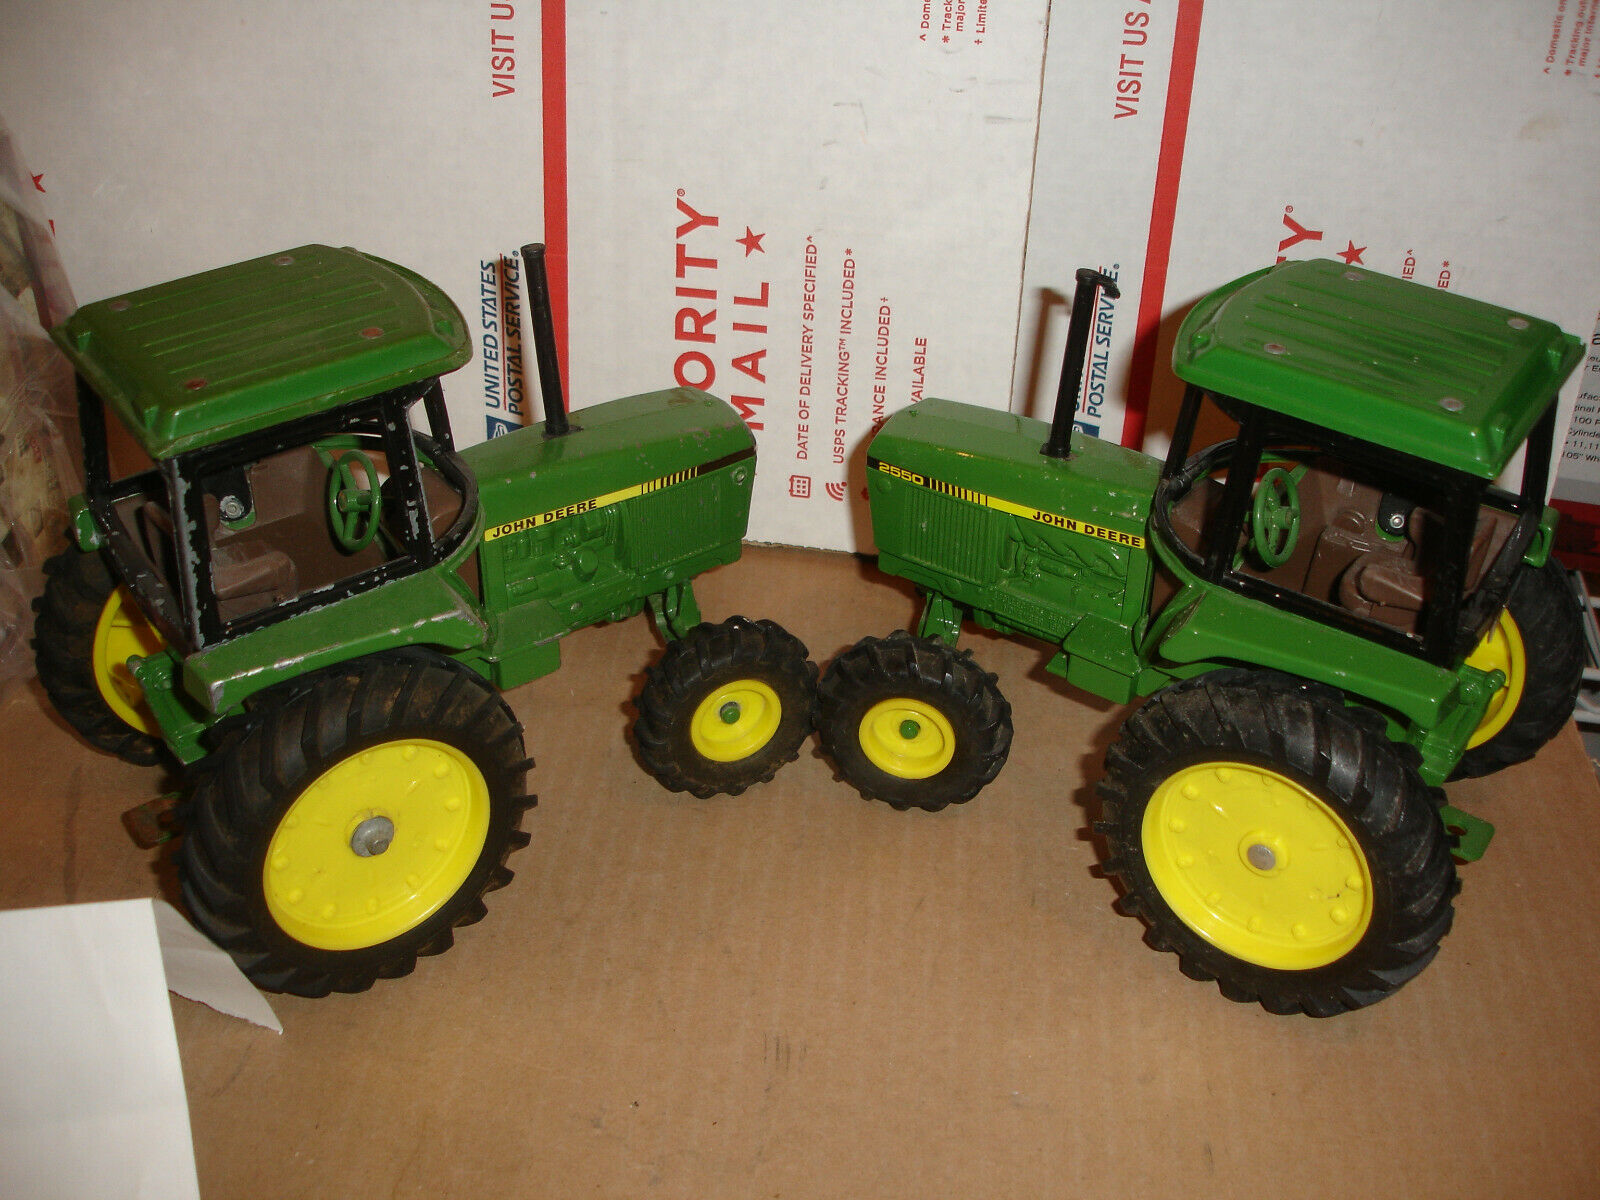 1 16 john deere 2550 toy tractor diecast